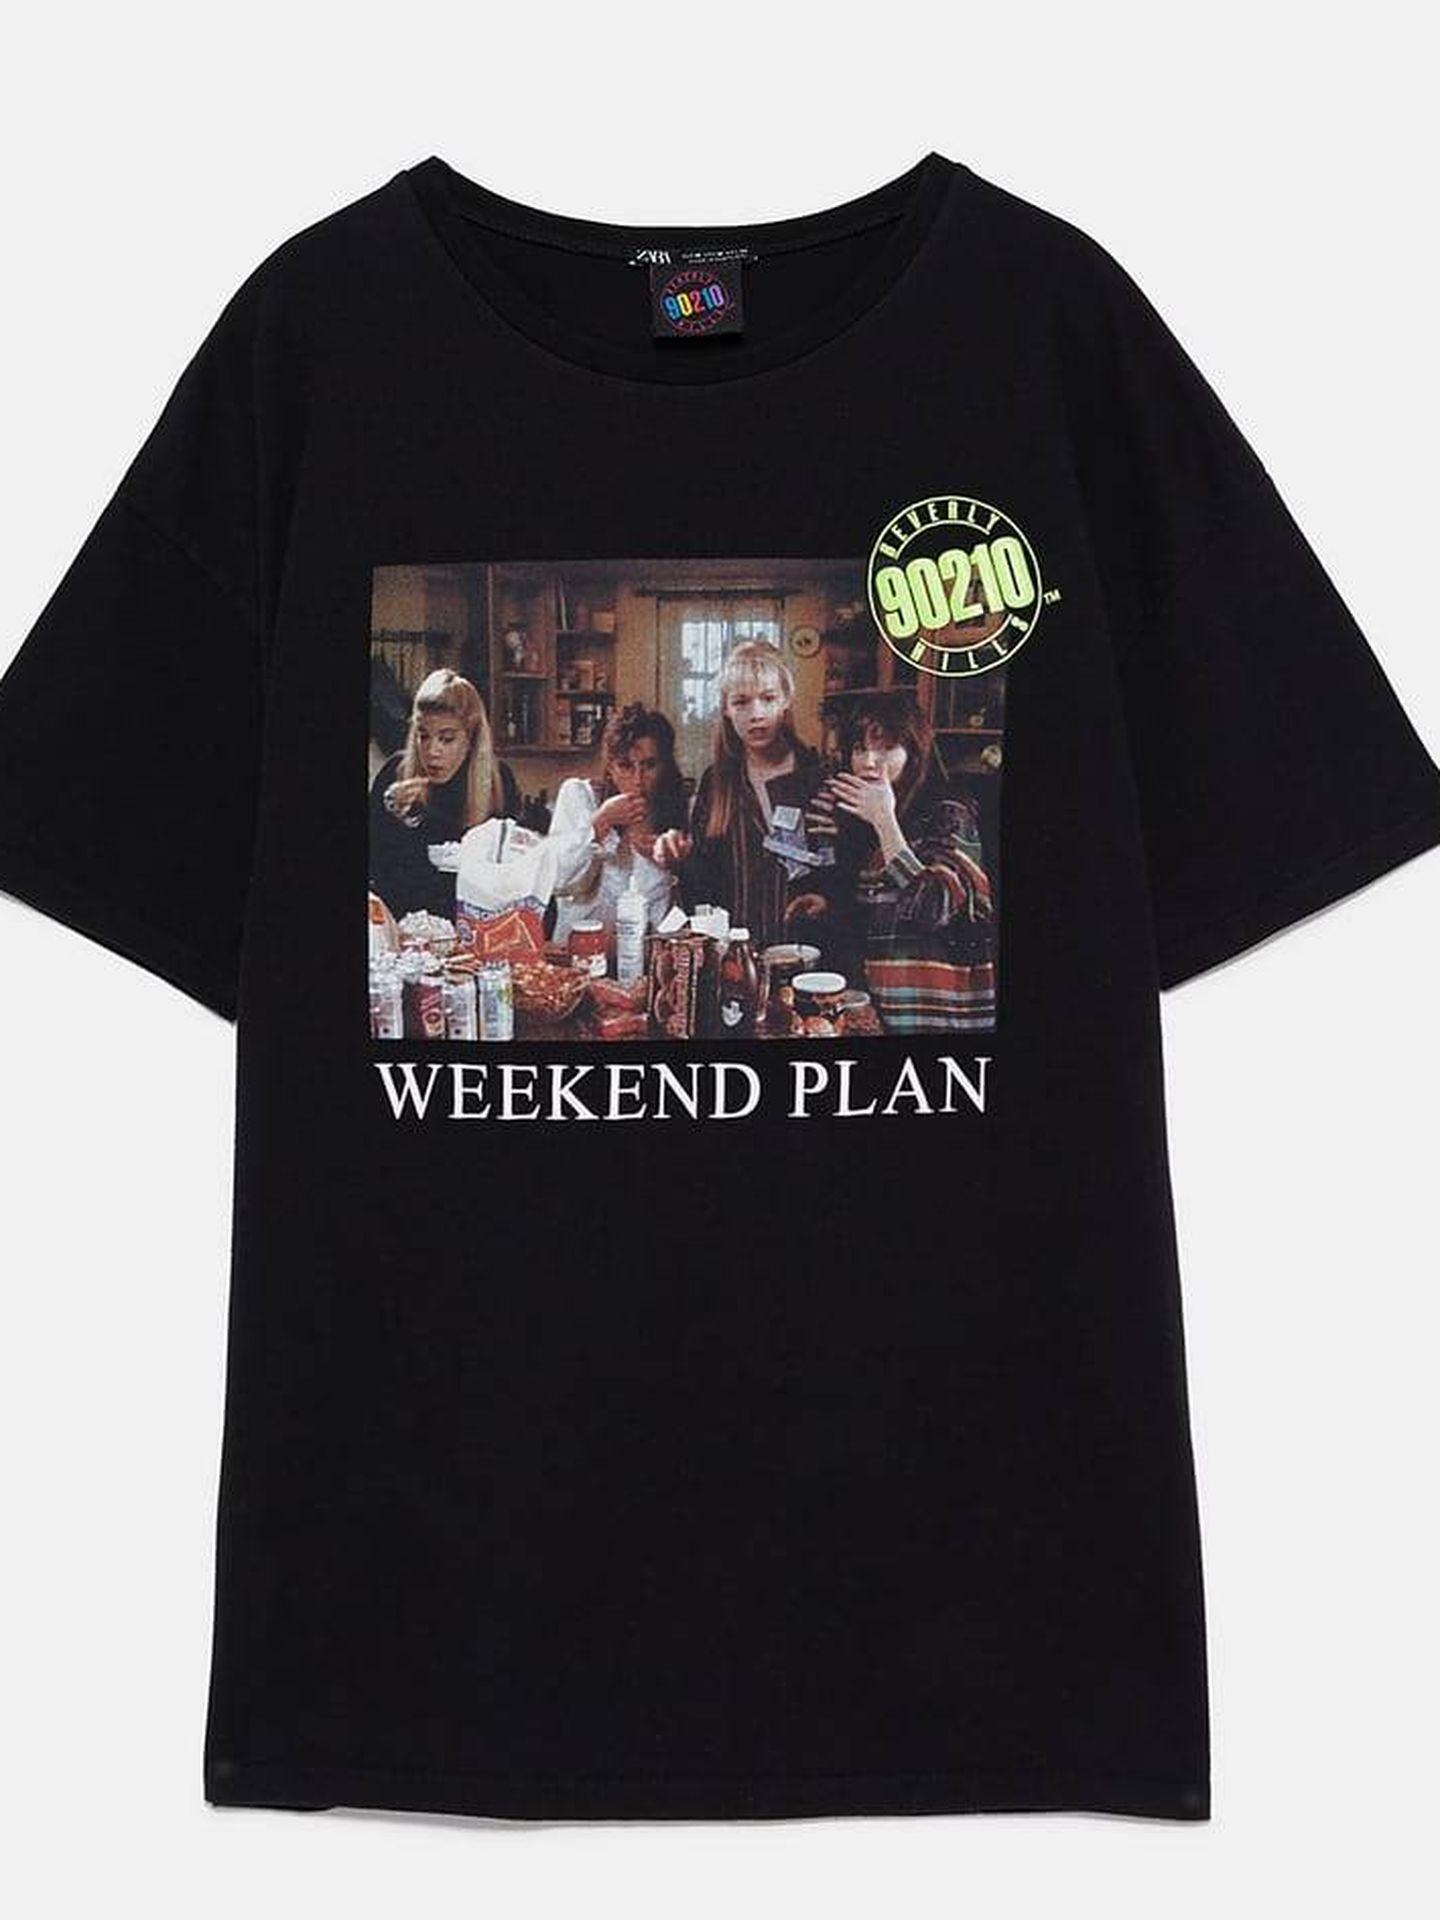 Camiseta en negro Weekend Plan, 12,95 euros. (Zara)